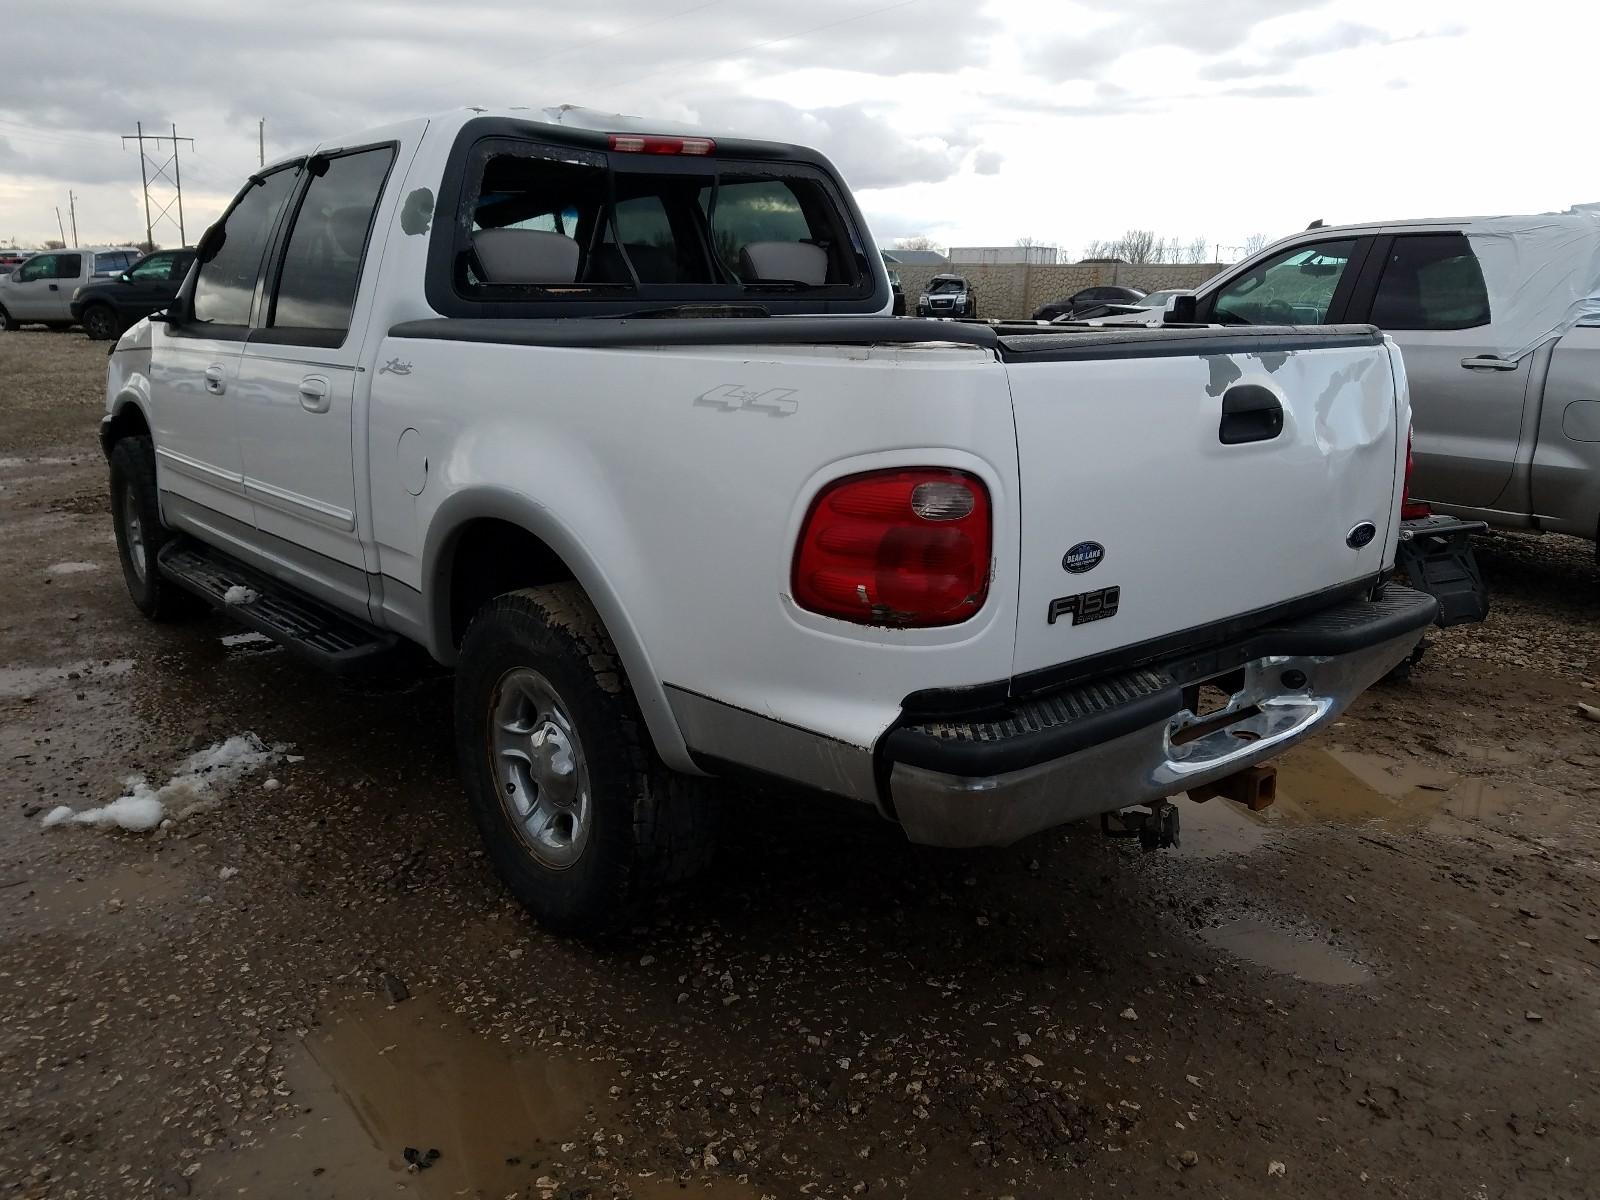 1FTRW08L01KB33707 - 2001 Ford F150 Super 5.4L [Angle] View